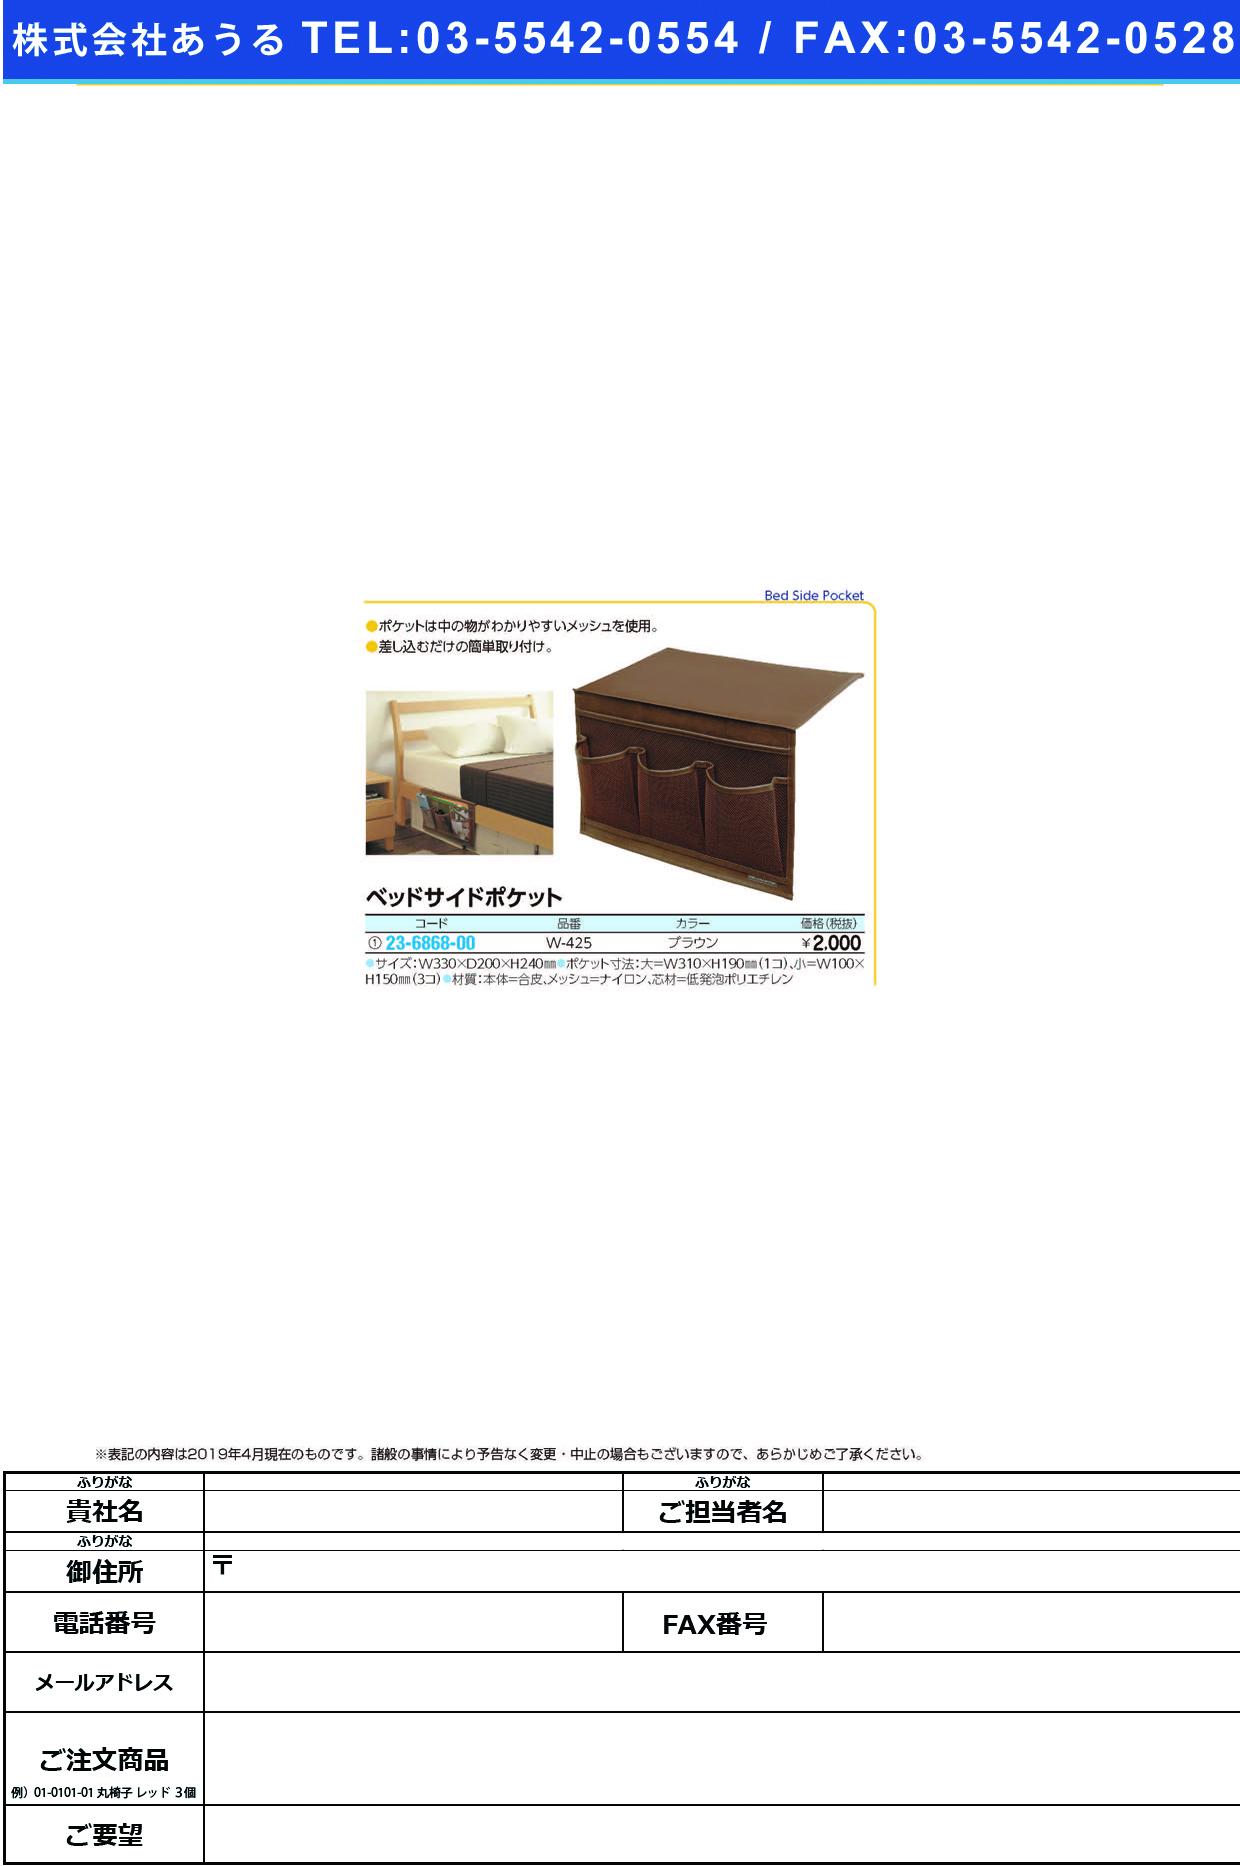 (23-6868-00)ベッドサイドポケット W-425(ブラウン) ベッドサイドポケット【1個単位】【2019年カタログ商品】